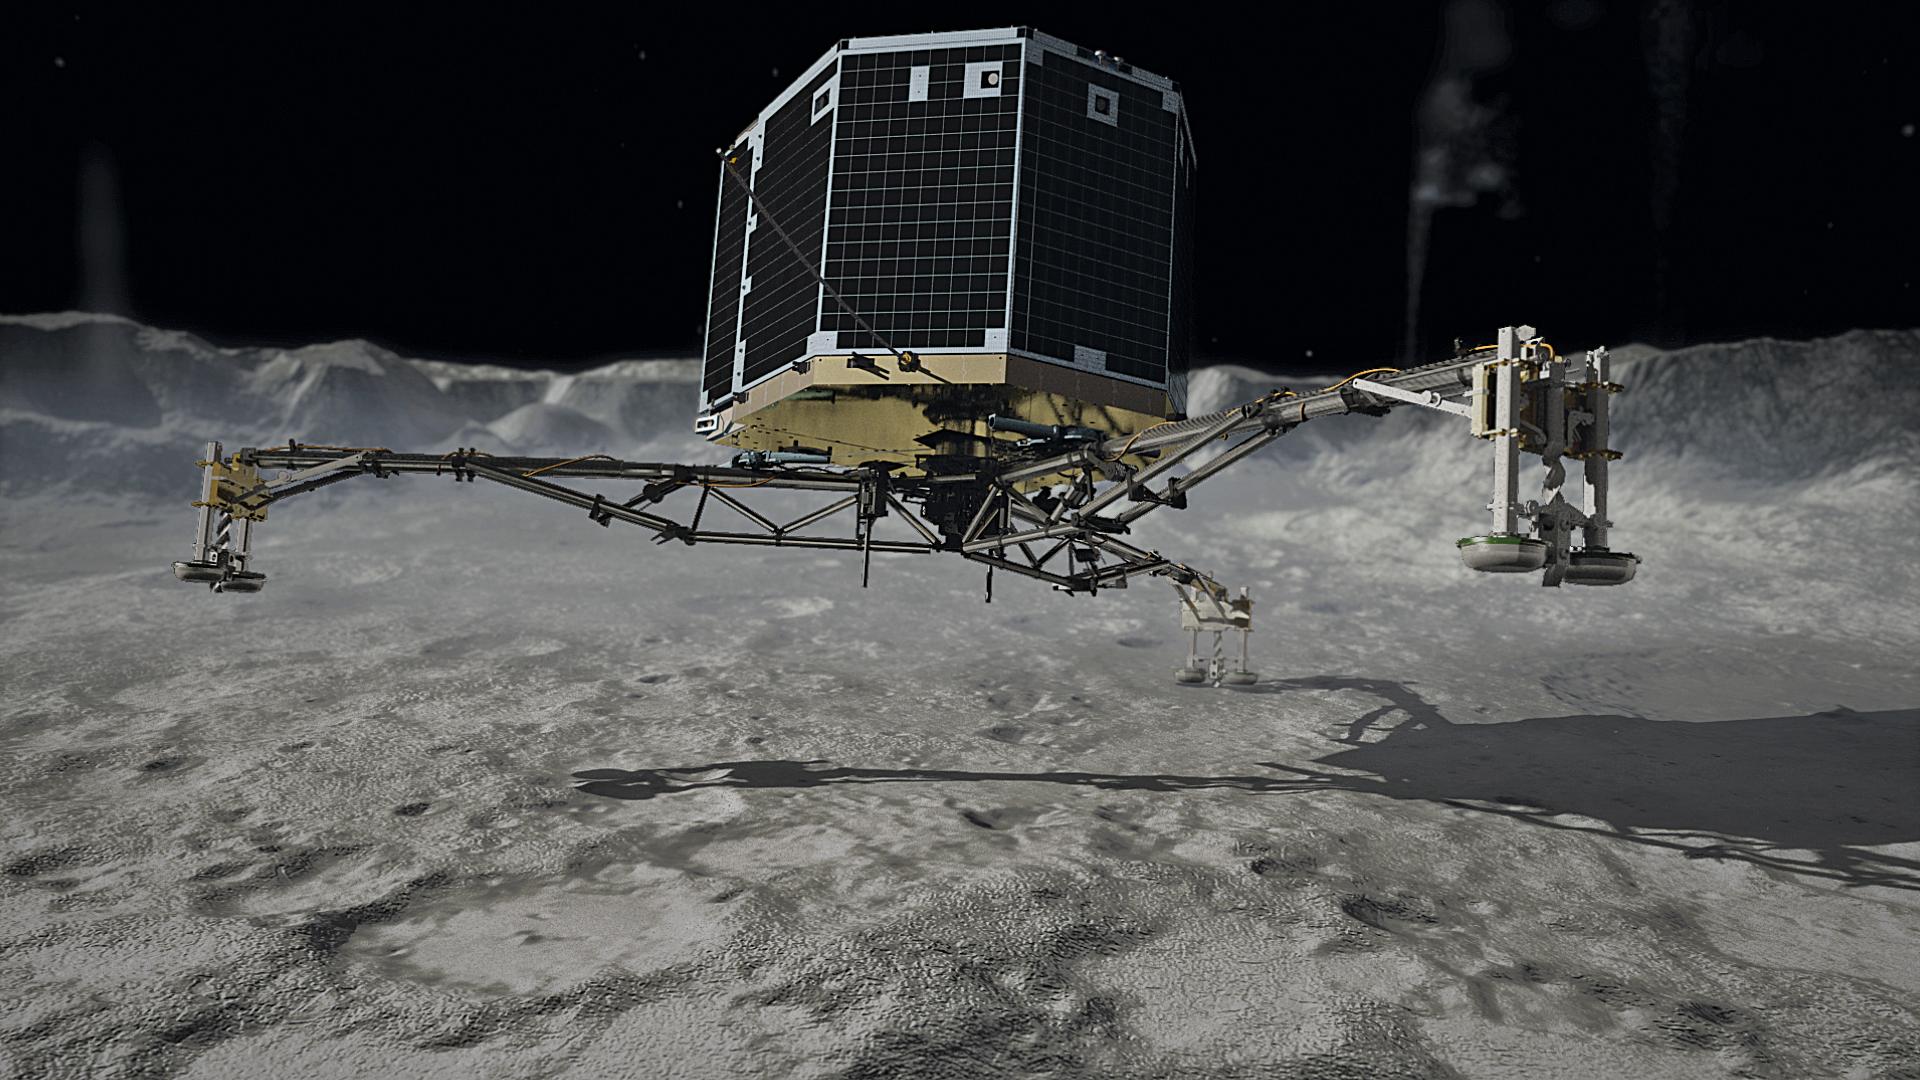 Pokud by modul Philae k přímému zkoumání kometárního jádra neselhal, mohly jsme mít poznatků o složení komety mnohem více.  (Kredit: DLR, ESA, CC-BY 3.0)